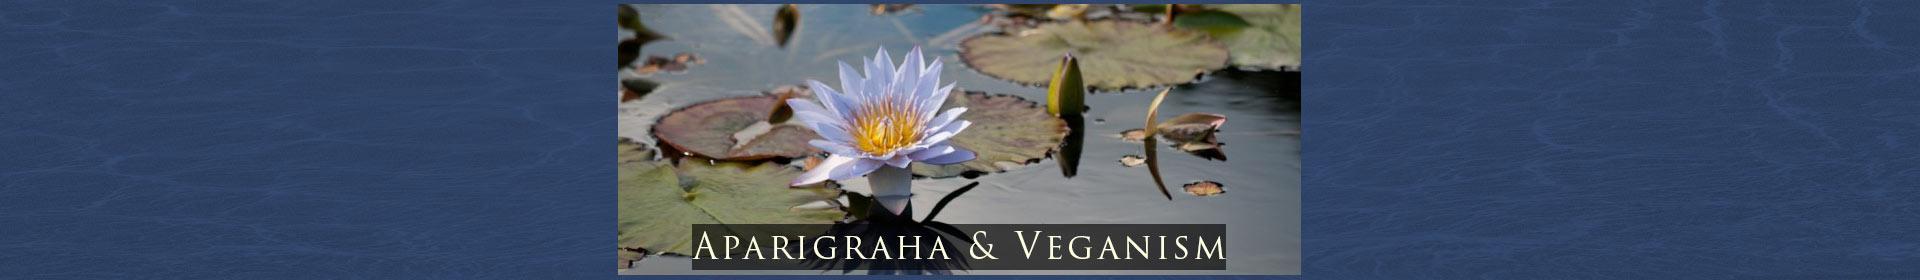 Aparigraha and Veganism